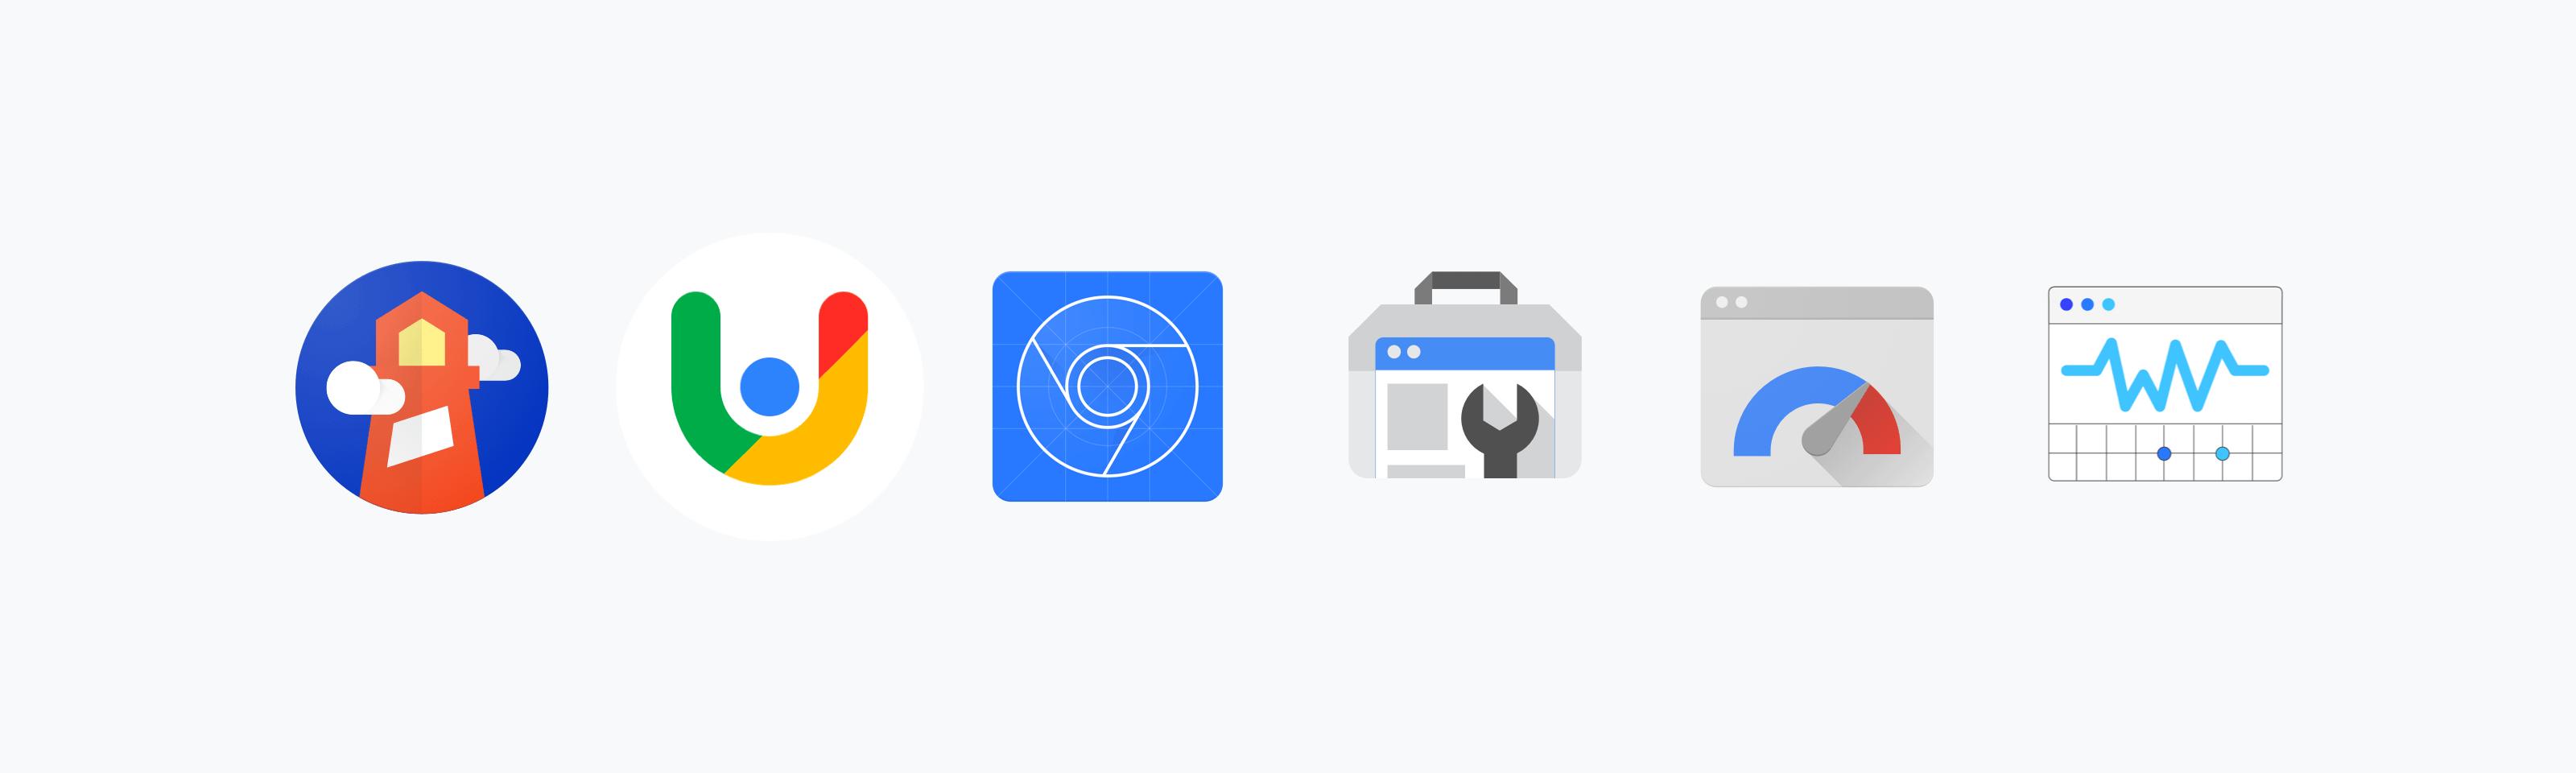 Логотип Chrome User Experience, логотип PageSpeed Insights, логотип Lighthouse, логотип Search Console, логотип Chrome DevTools, логотип расширения Web Vitals.